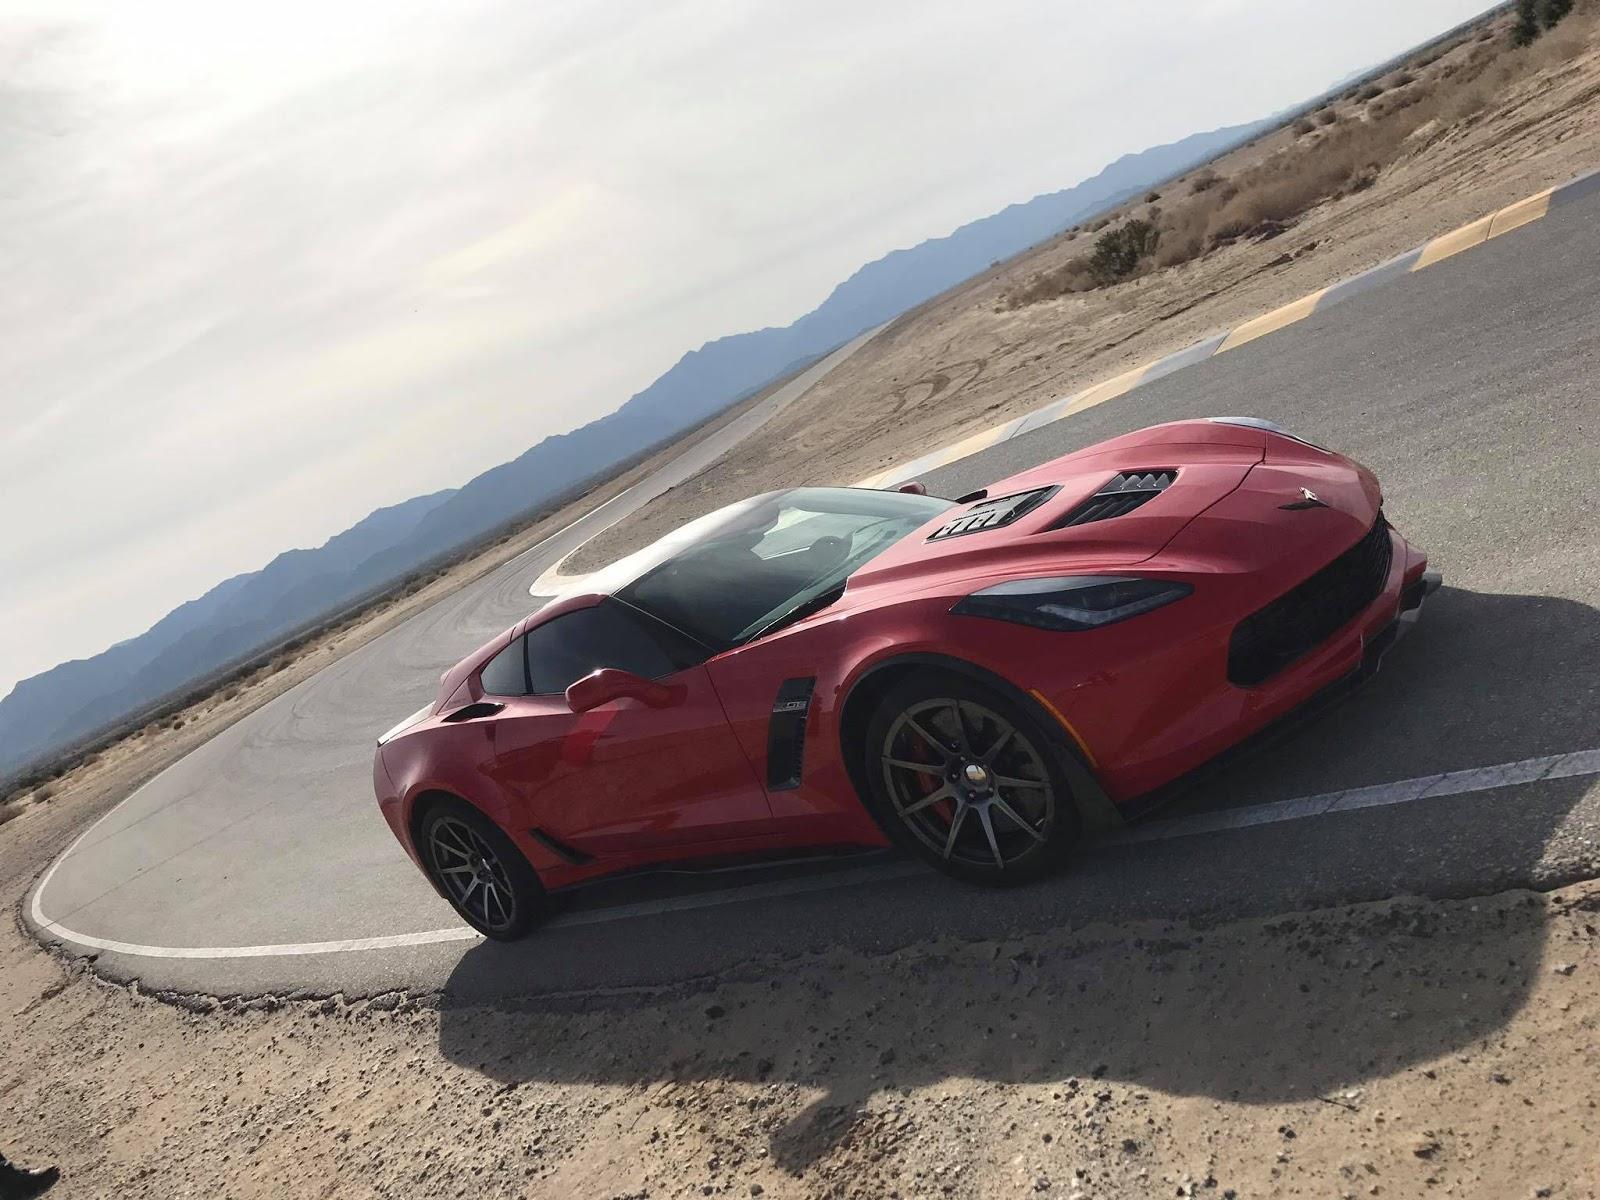 Callaway Corvette AeroWagen 1